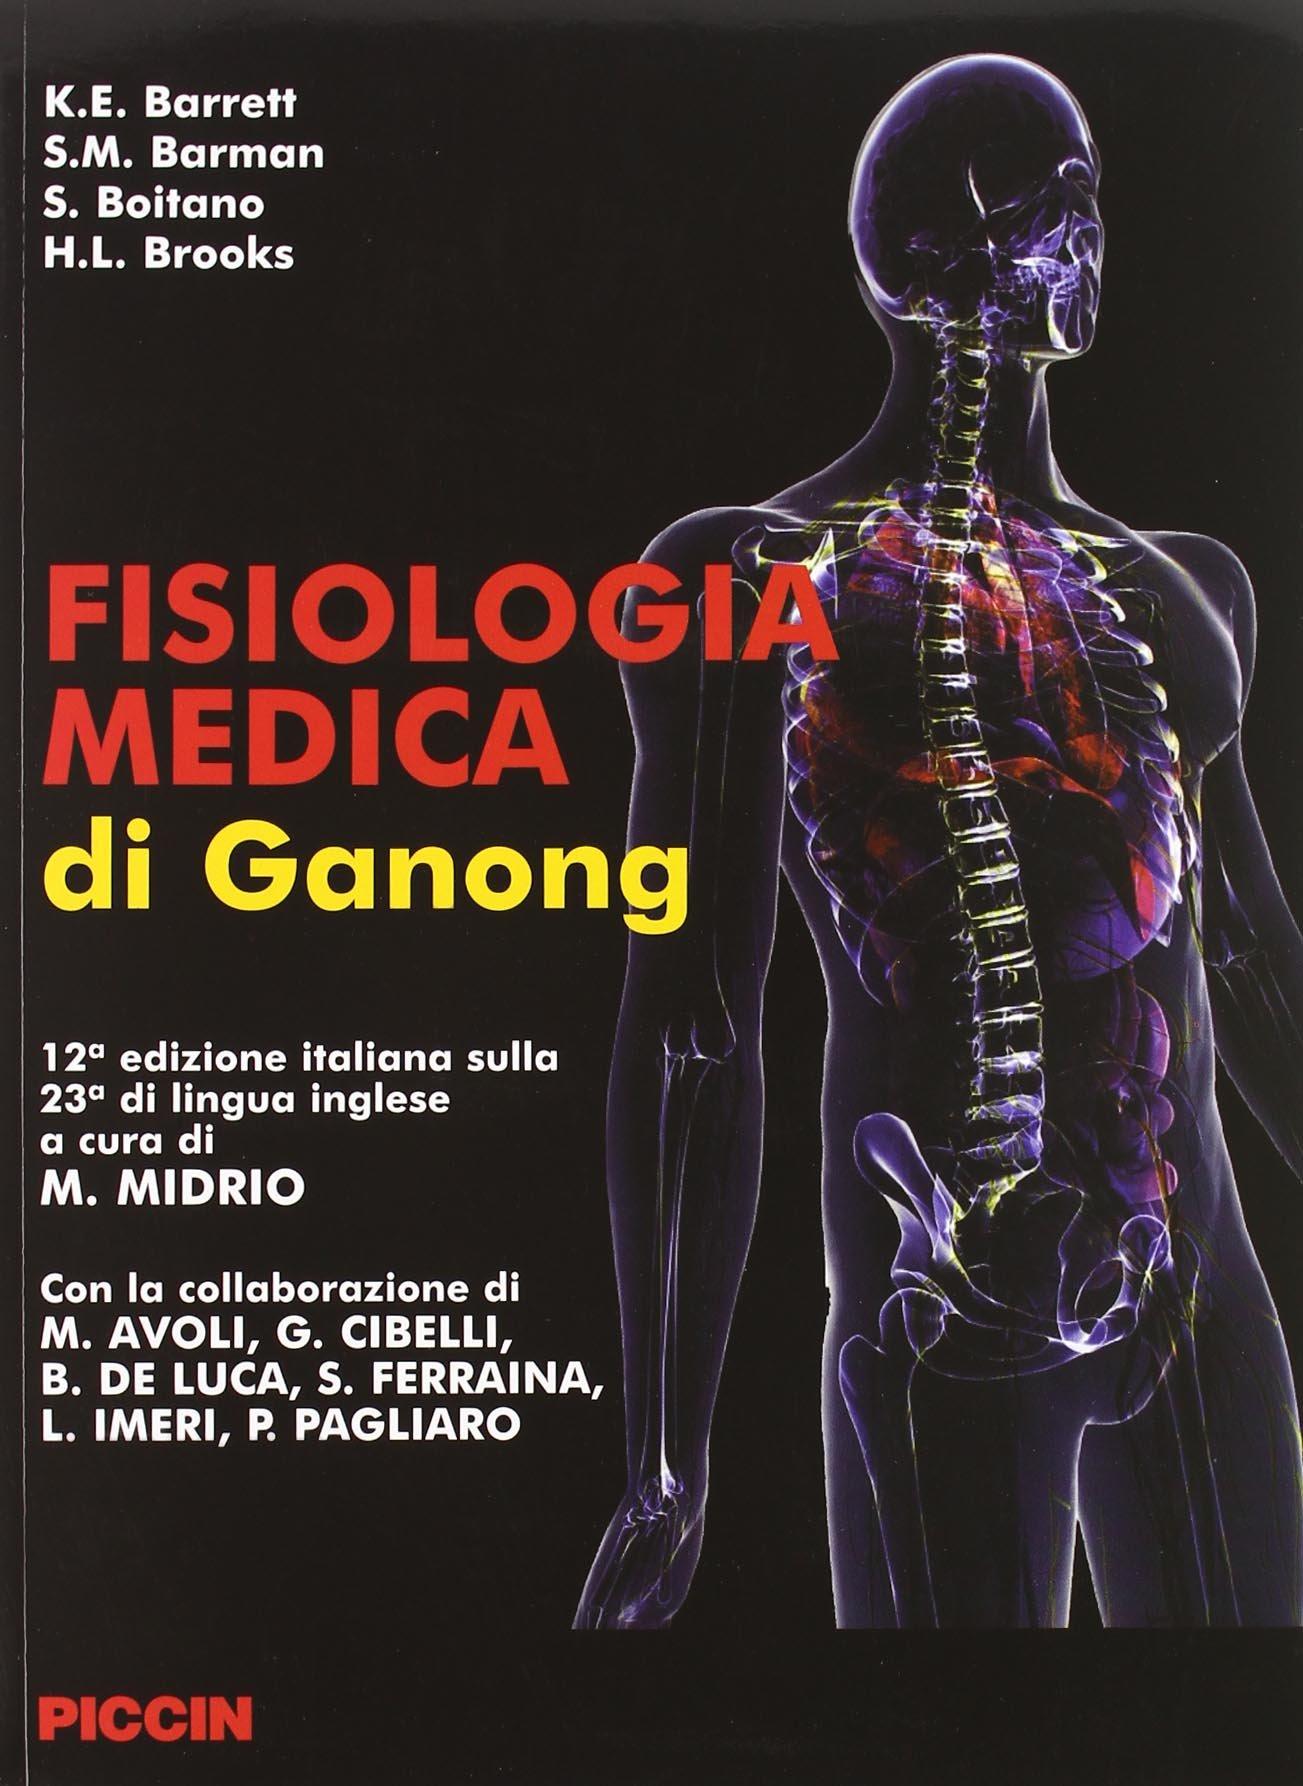 FISIOLOGIA MEDICA WILLIAM GANONG PDF